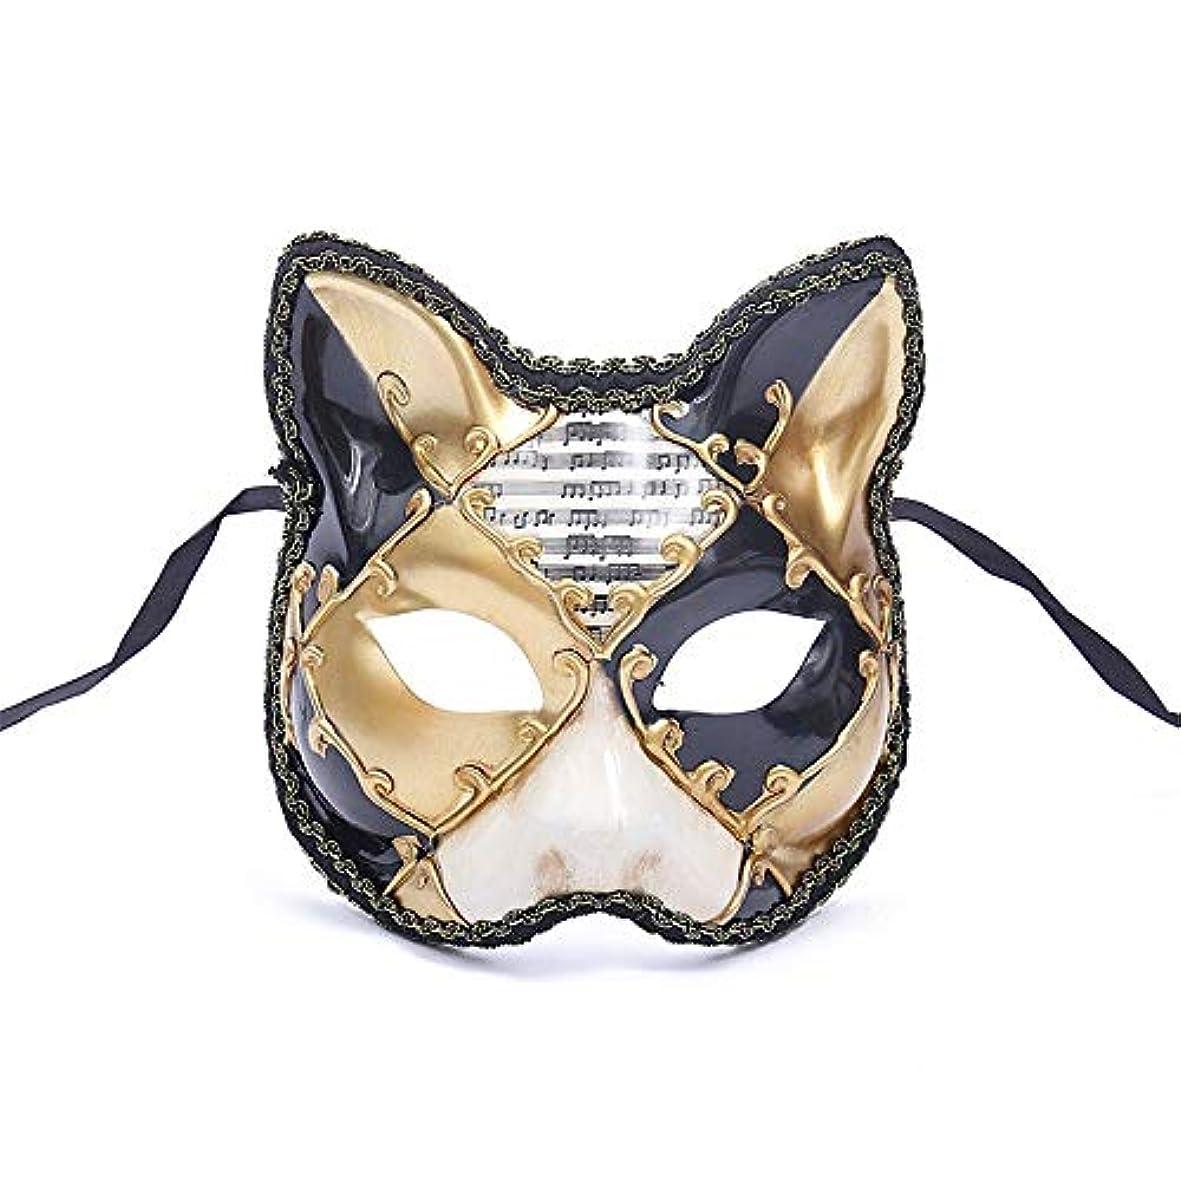 ダンスマスク 大きな猫アンティーク動物レトロコスプレハロウィーン仮装マスクナイトクラブマスク雰囲気フェスティバルマスク ホリデーパーティー用品 (色 : 黄, サイズ : 17.5x16cm)